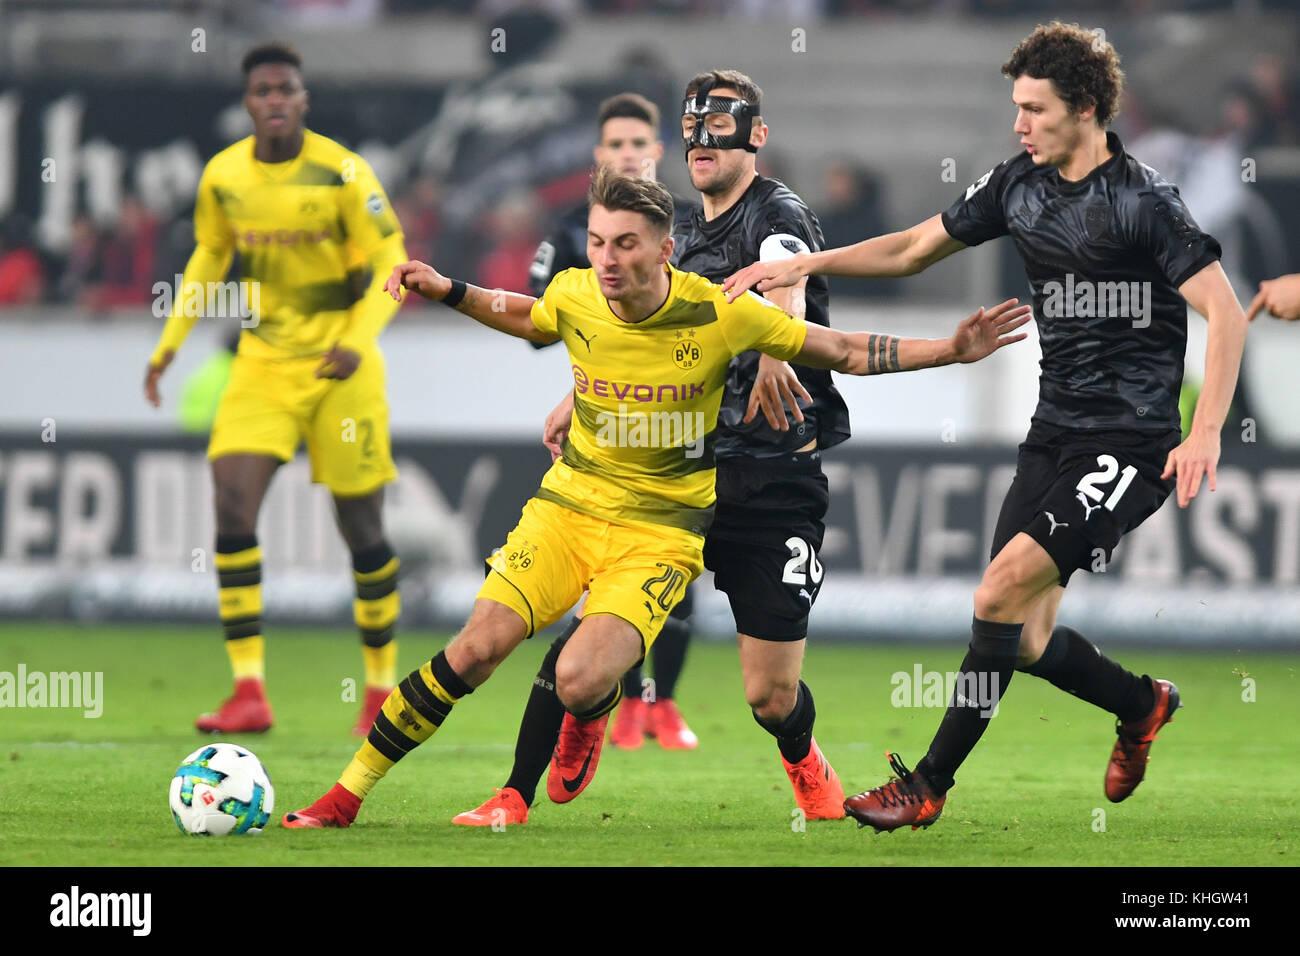 Dortmund borussia am скачать бесплатно индикаторы поддержки и сопротивления на форекс